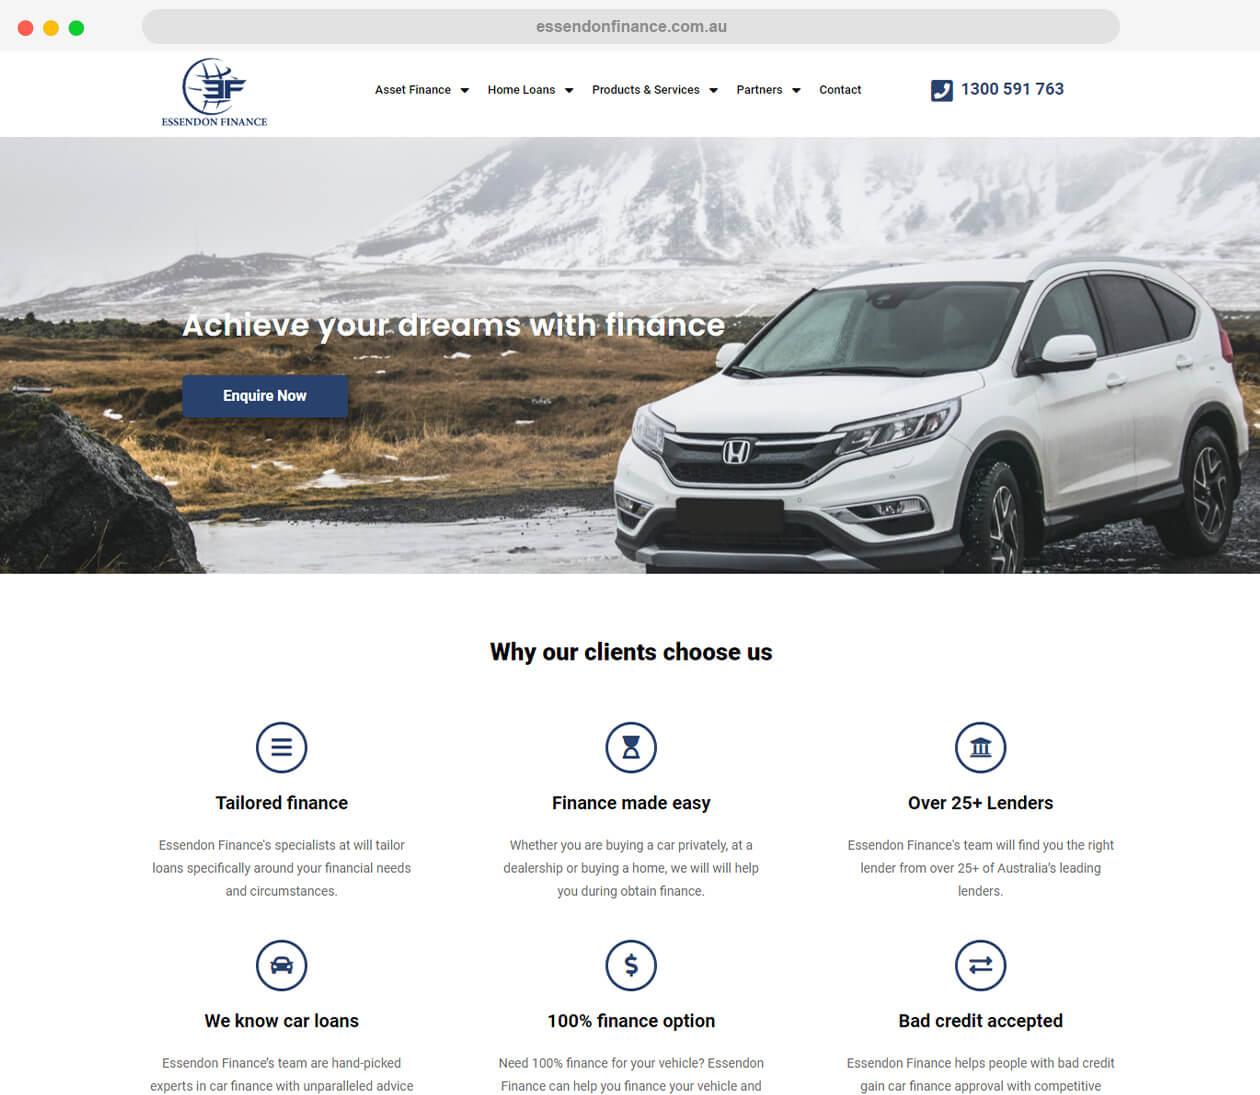 essendonfinance.com.au